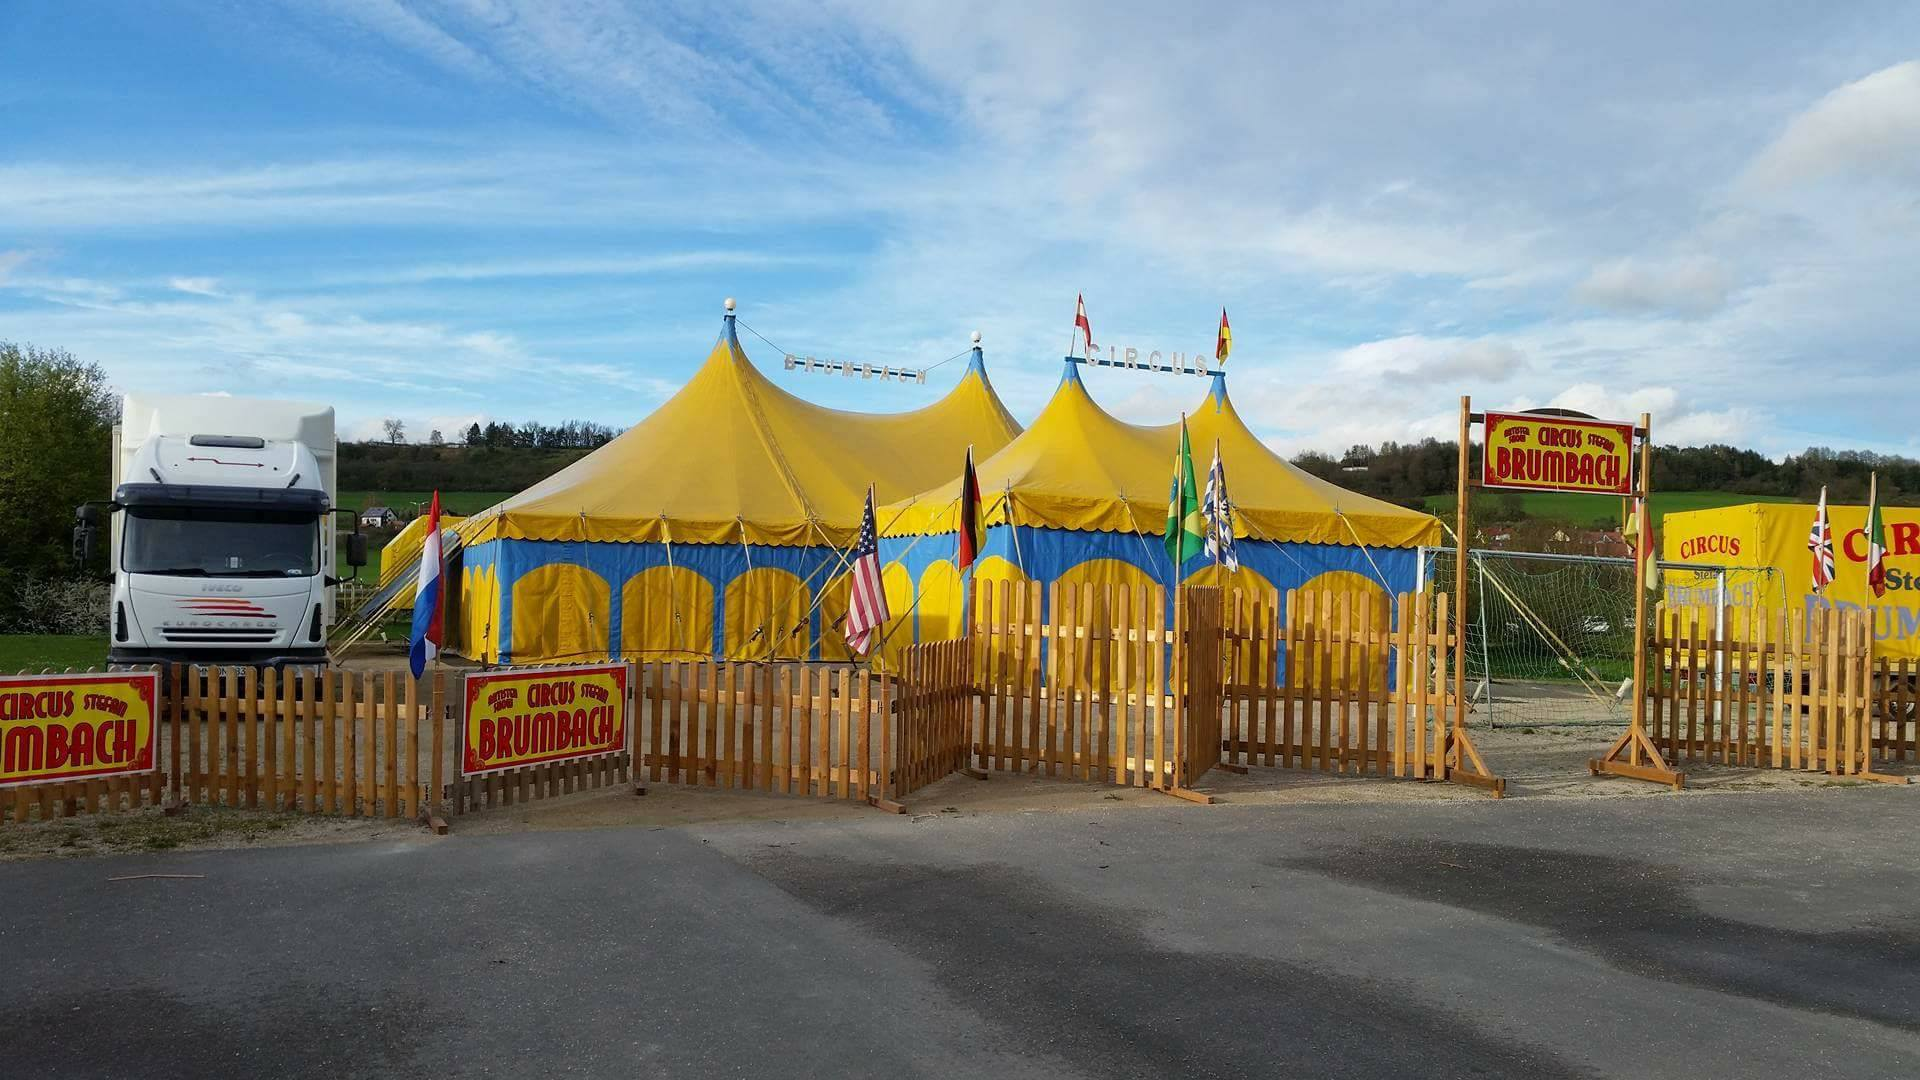 Zirkus Brumbach